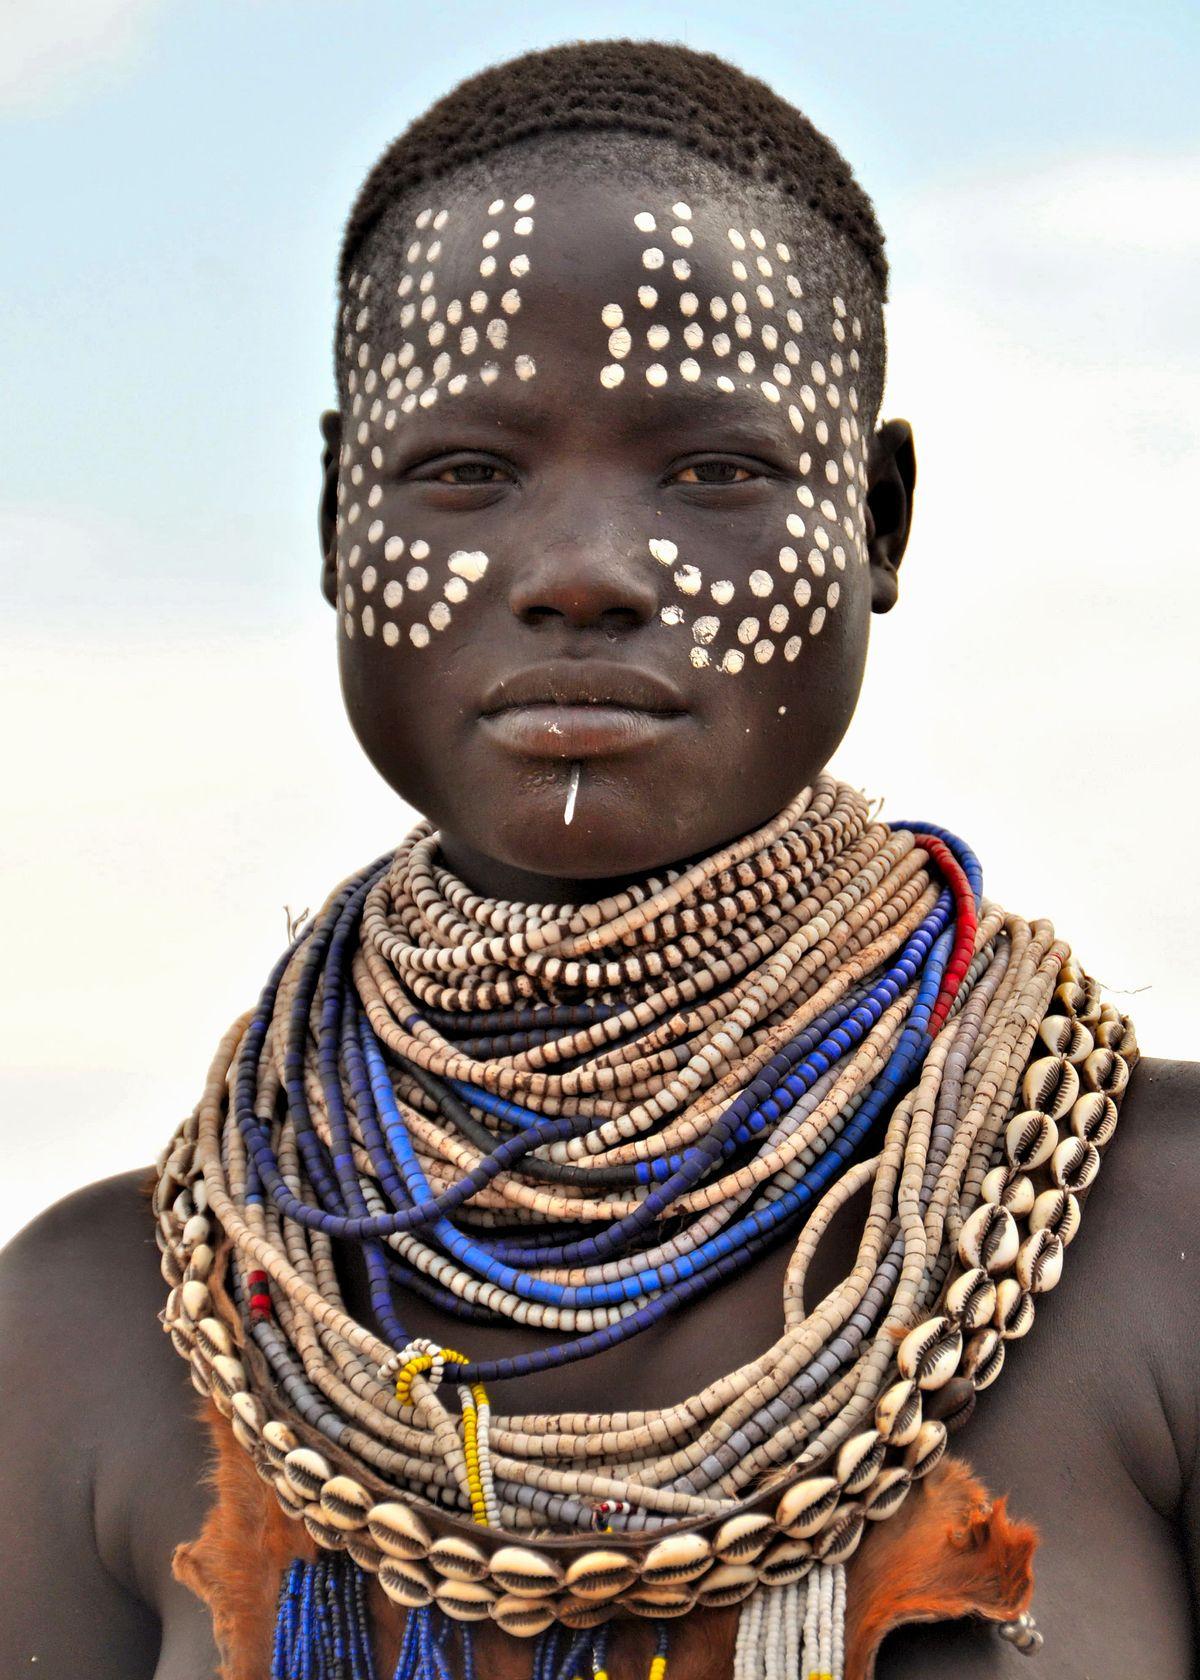 Deze prachtig versierde Karo mevrouw leefde in een dorpje aan de Omo rivier. Het leven van deze mensen wo... - Omovallei, Ethiopië |